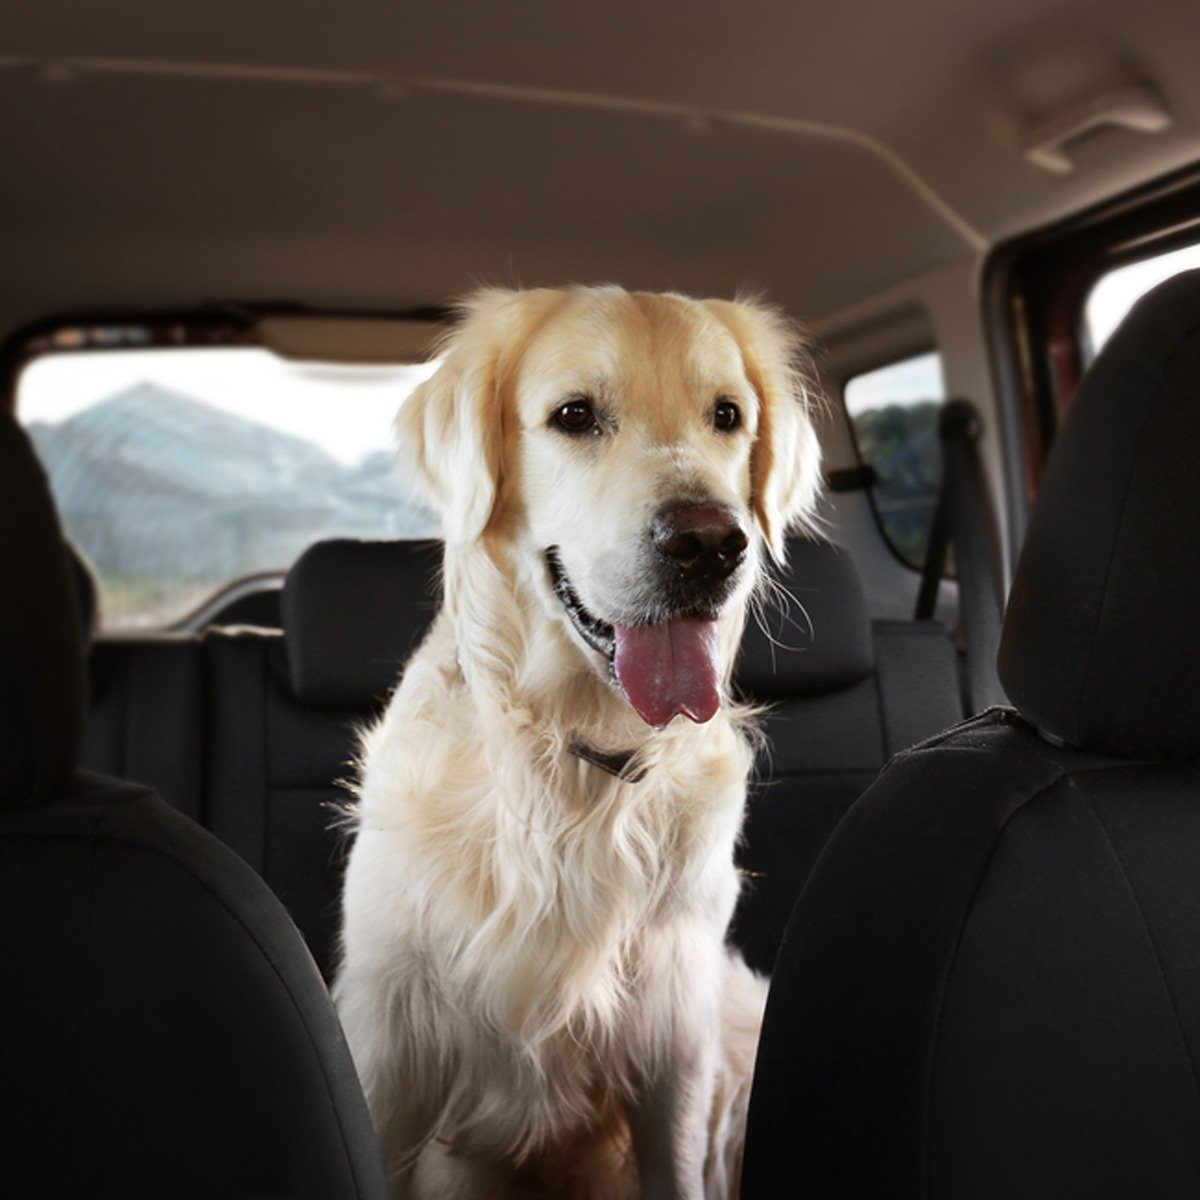 dog in car clean pet fur hair